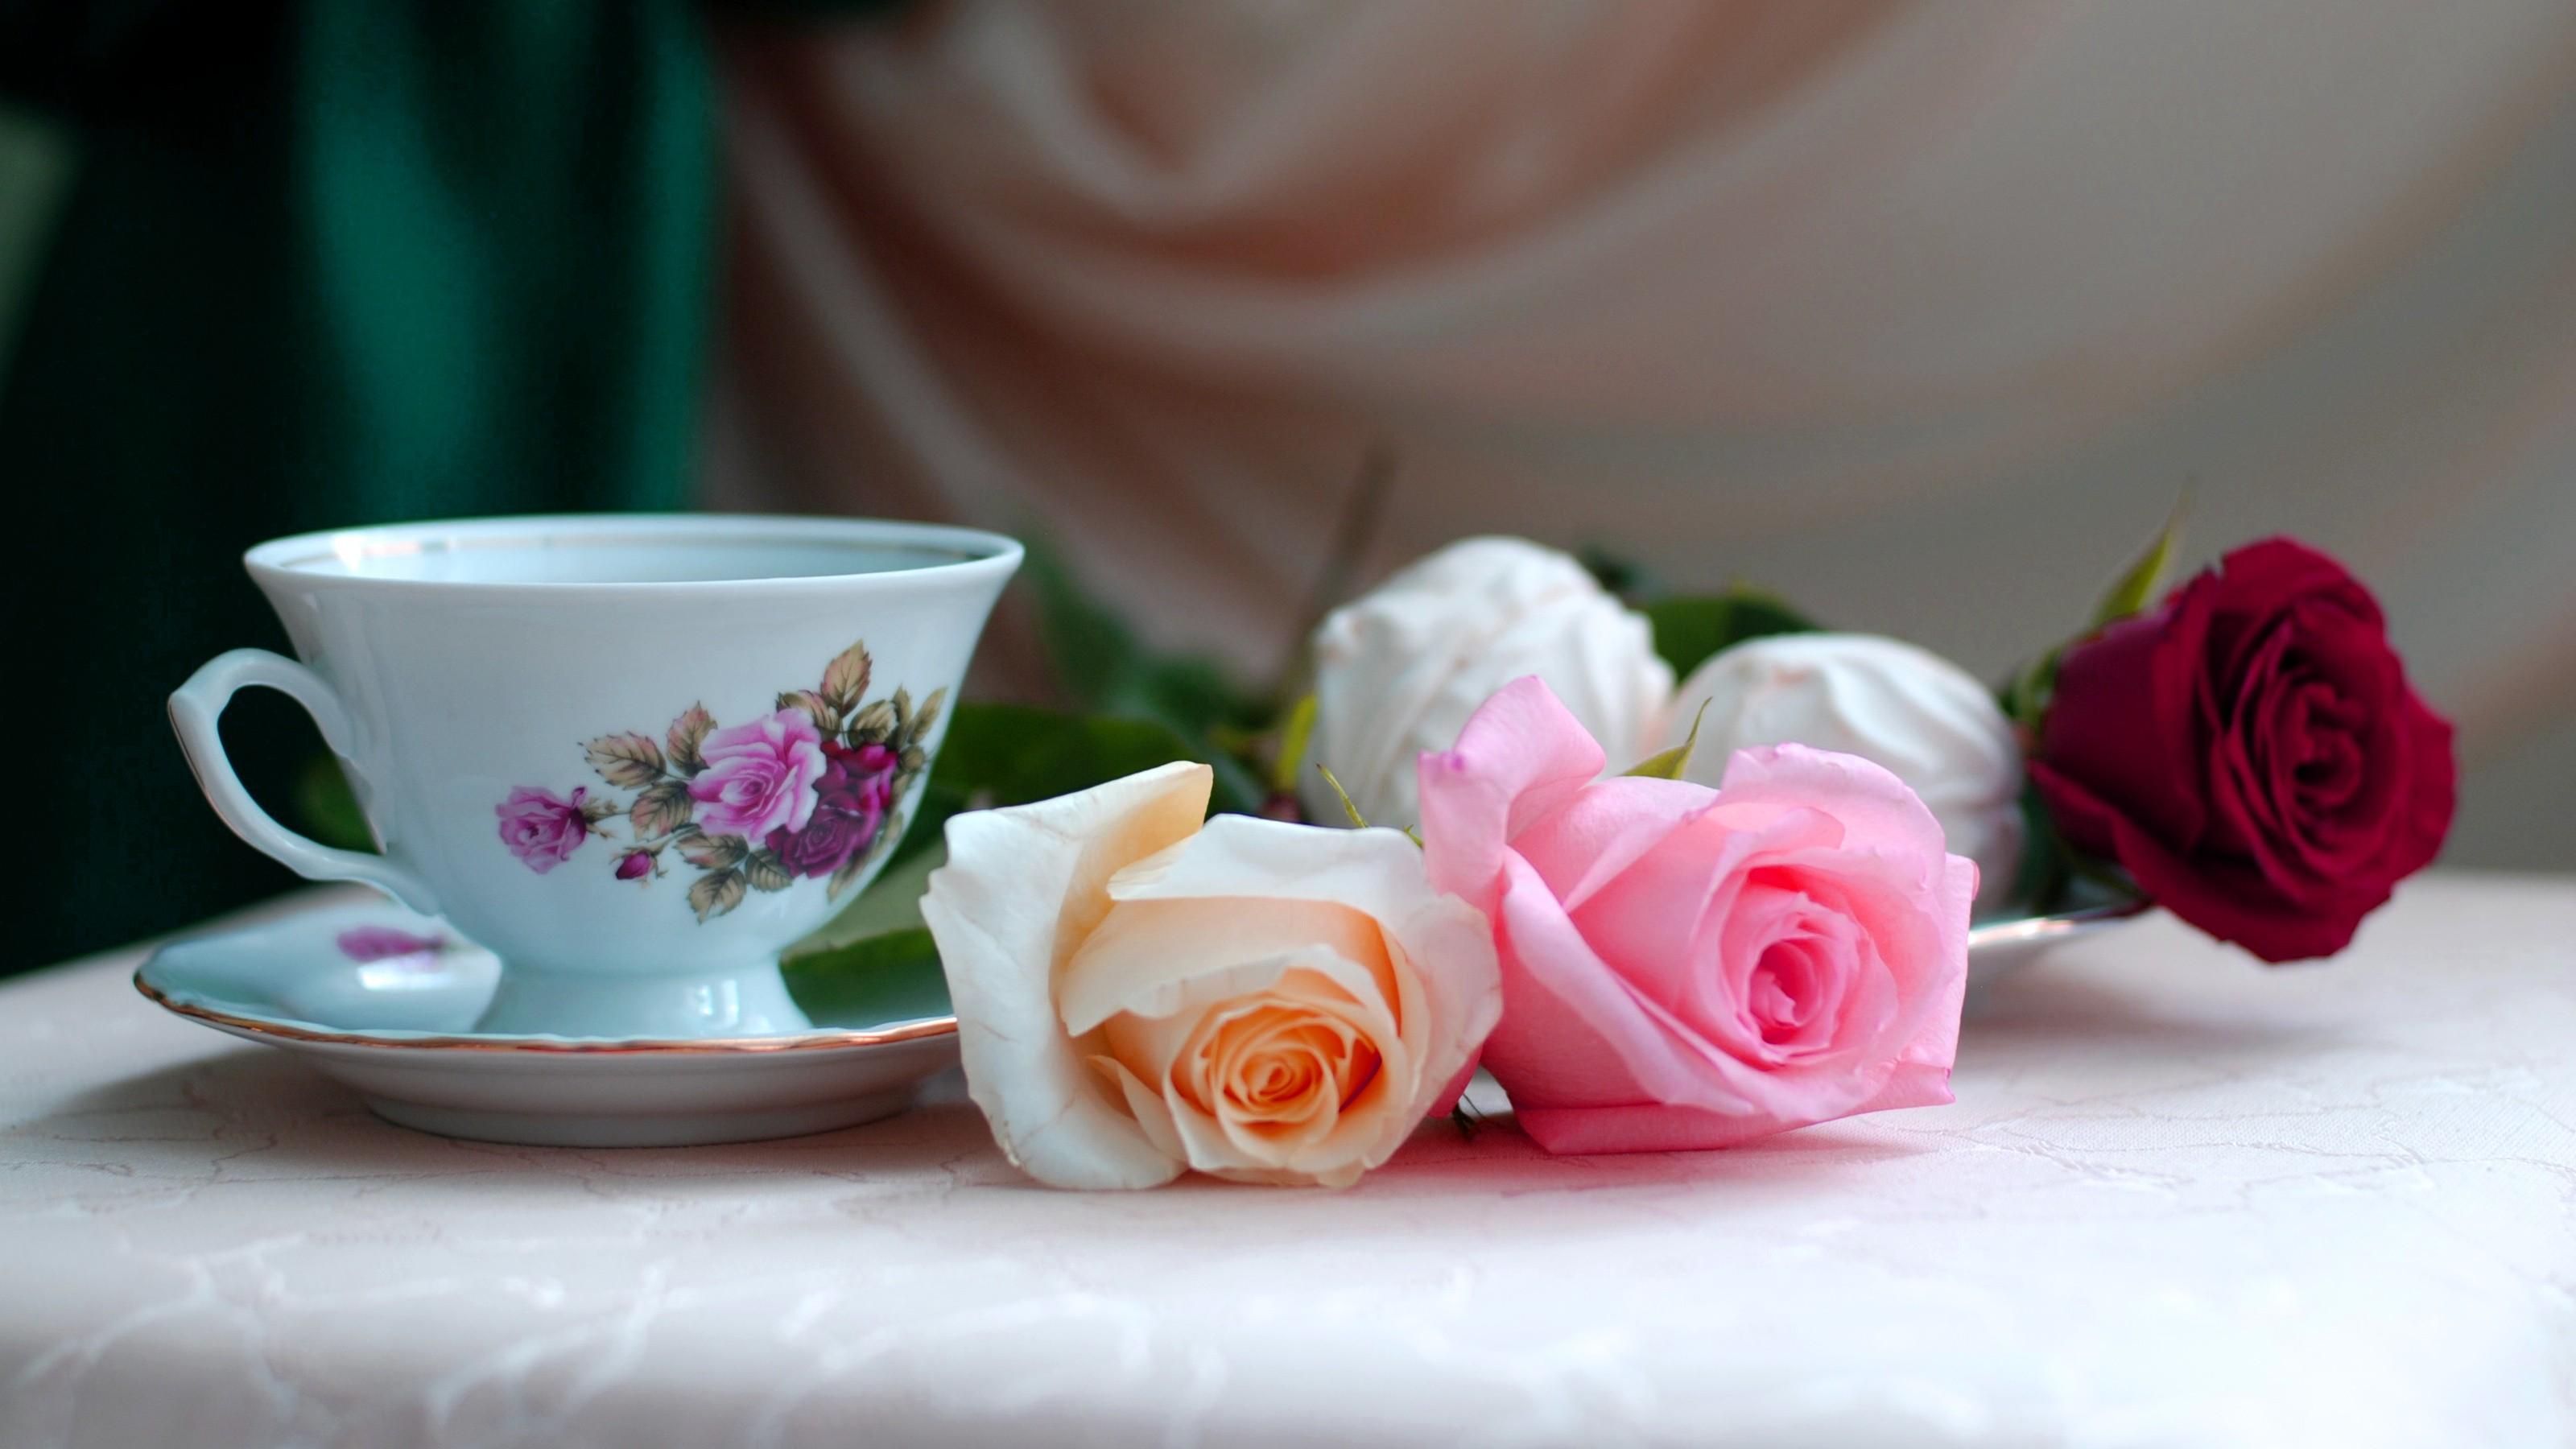 Fond D Ecran Rose Coupe Rose Fleur Plante Petale Floristique